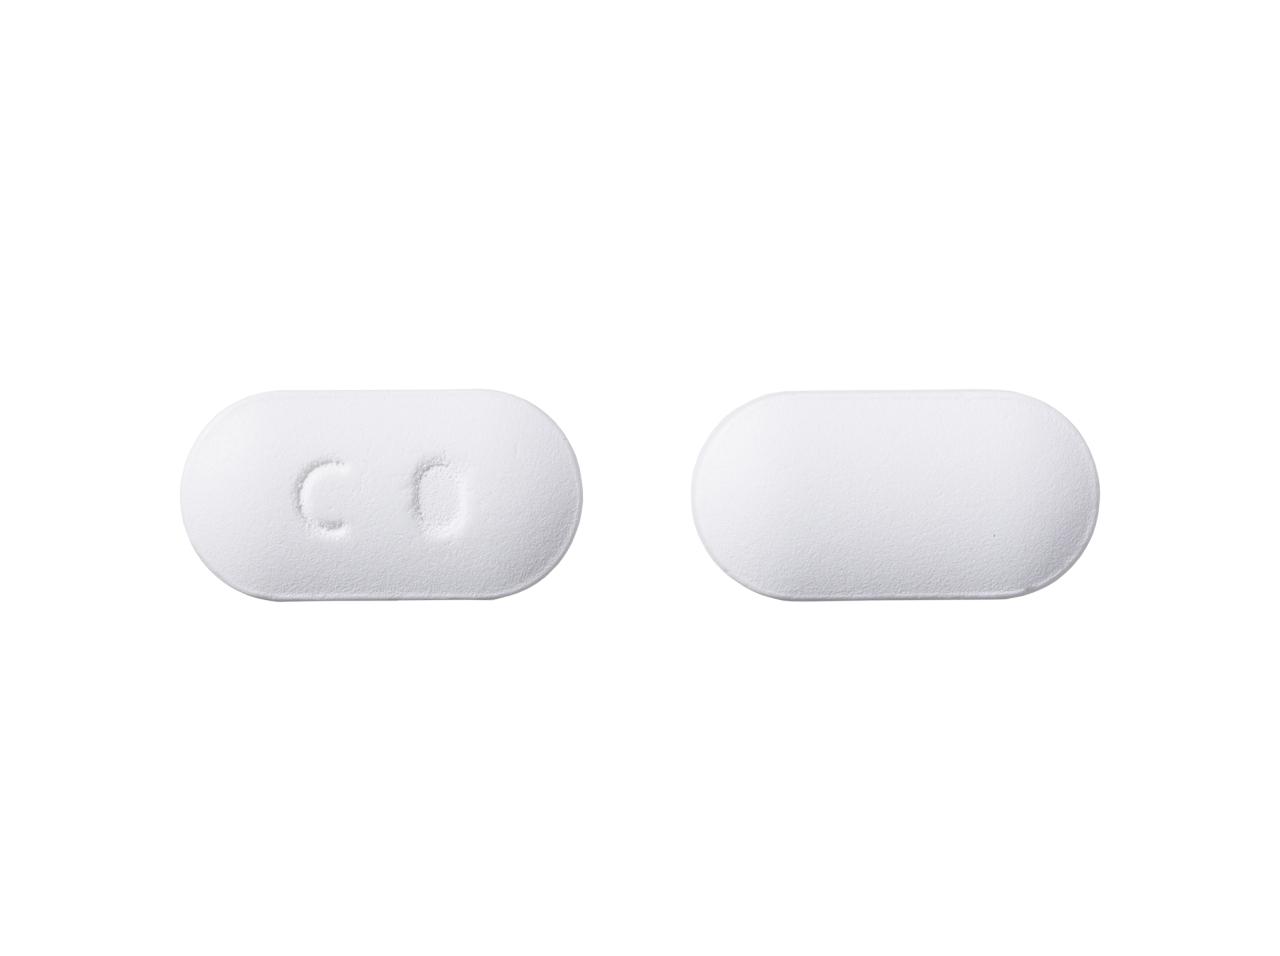 Temixys lamivudine 300 mg / tenofovir disoproxil fumarate 300 mg C 0